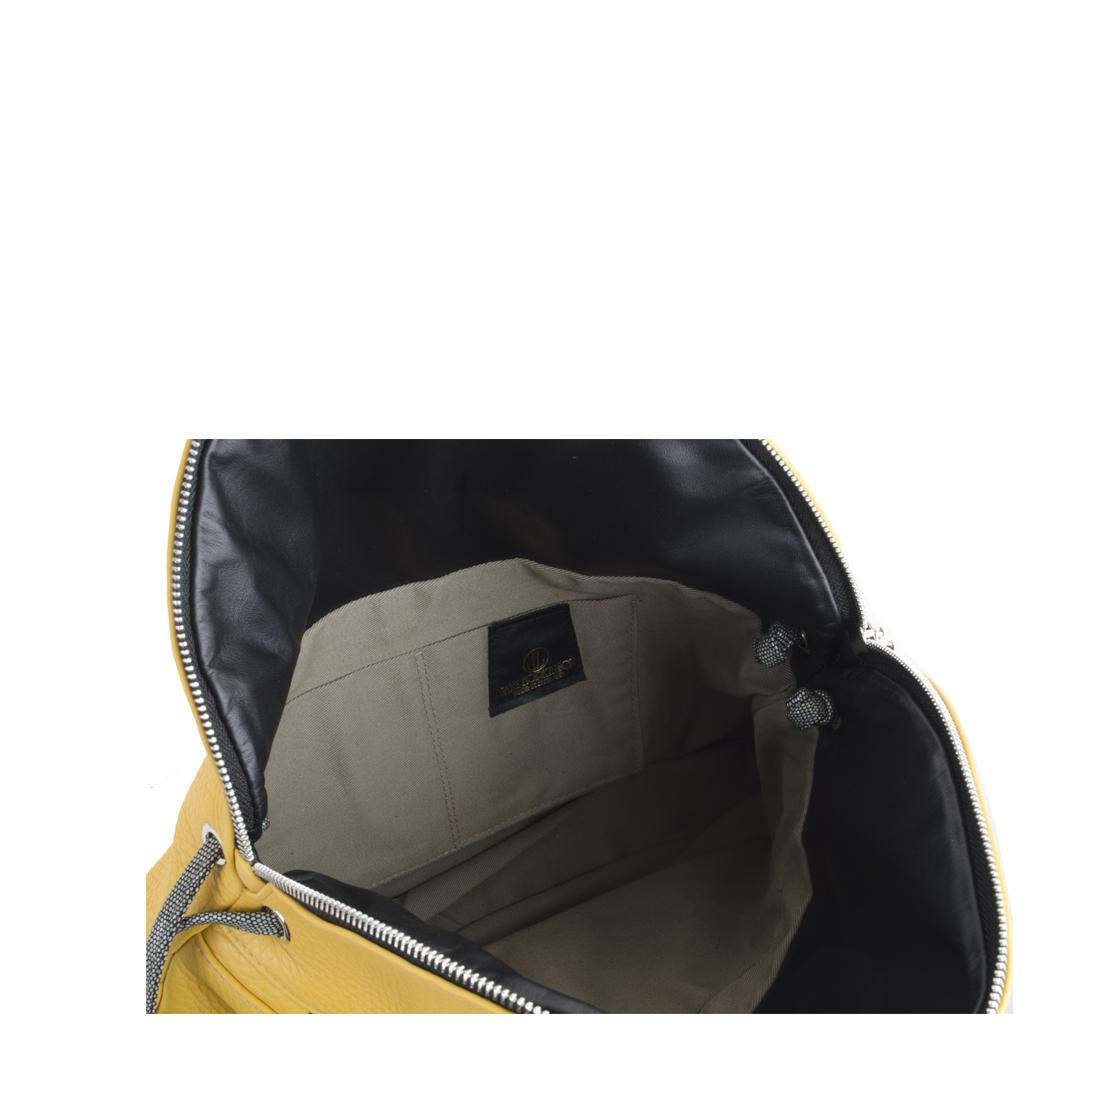 Matilda Mustard Leather Shoulder Bag